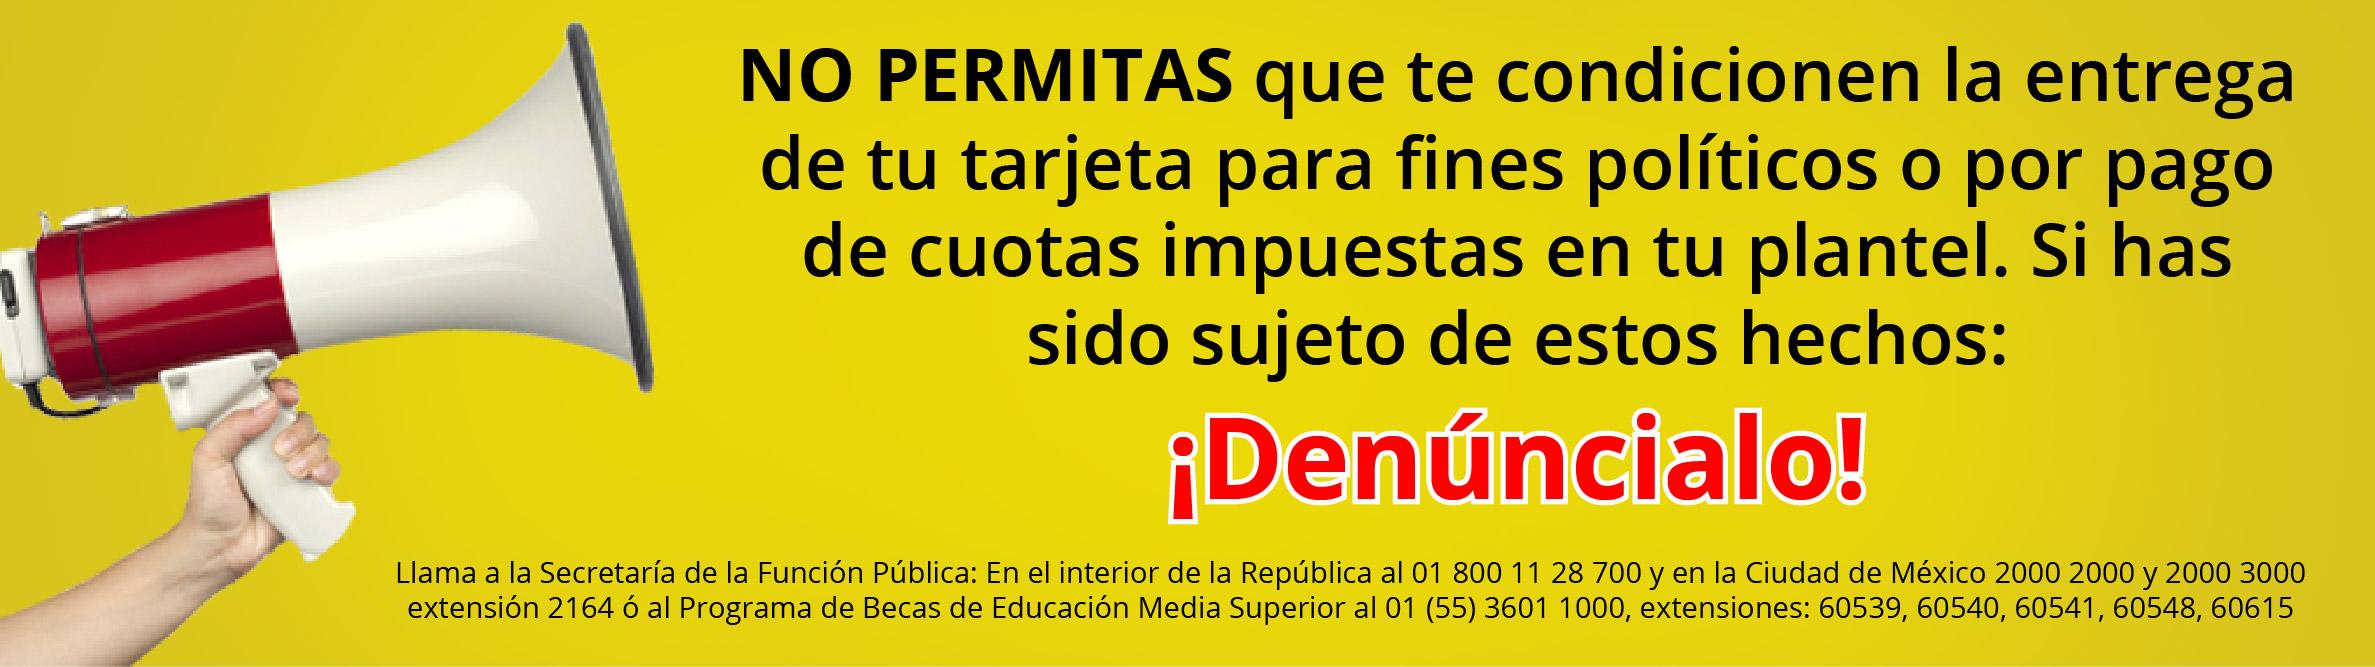 NO PERMITAS CONDICIONAMIENTO DE PAGO